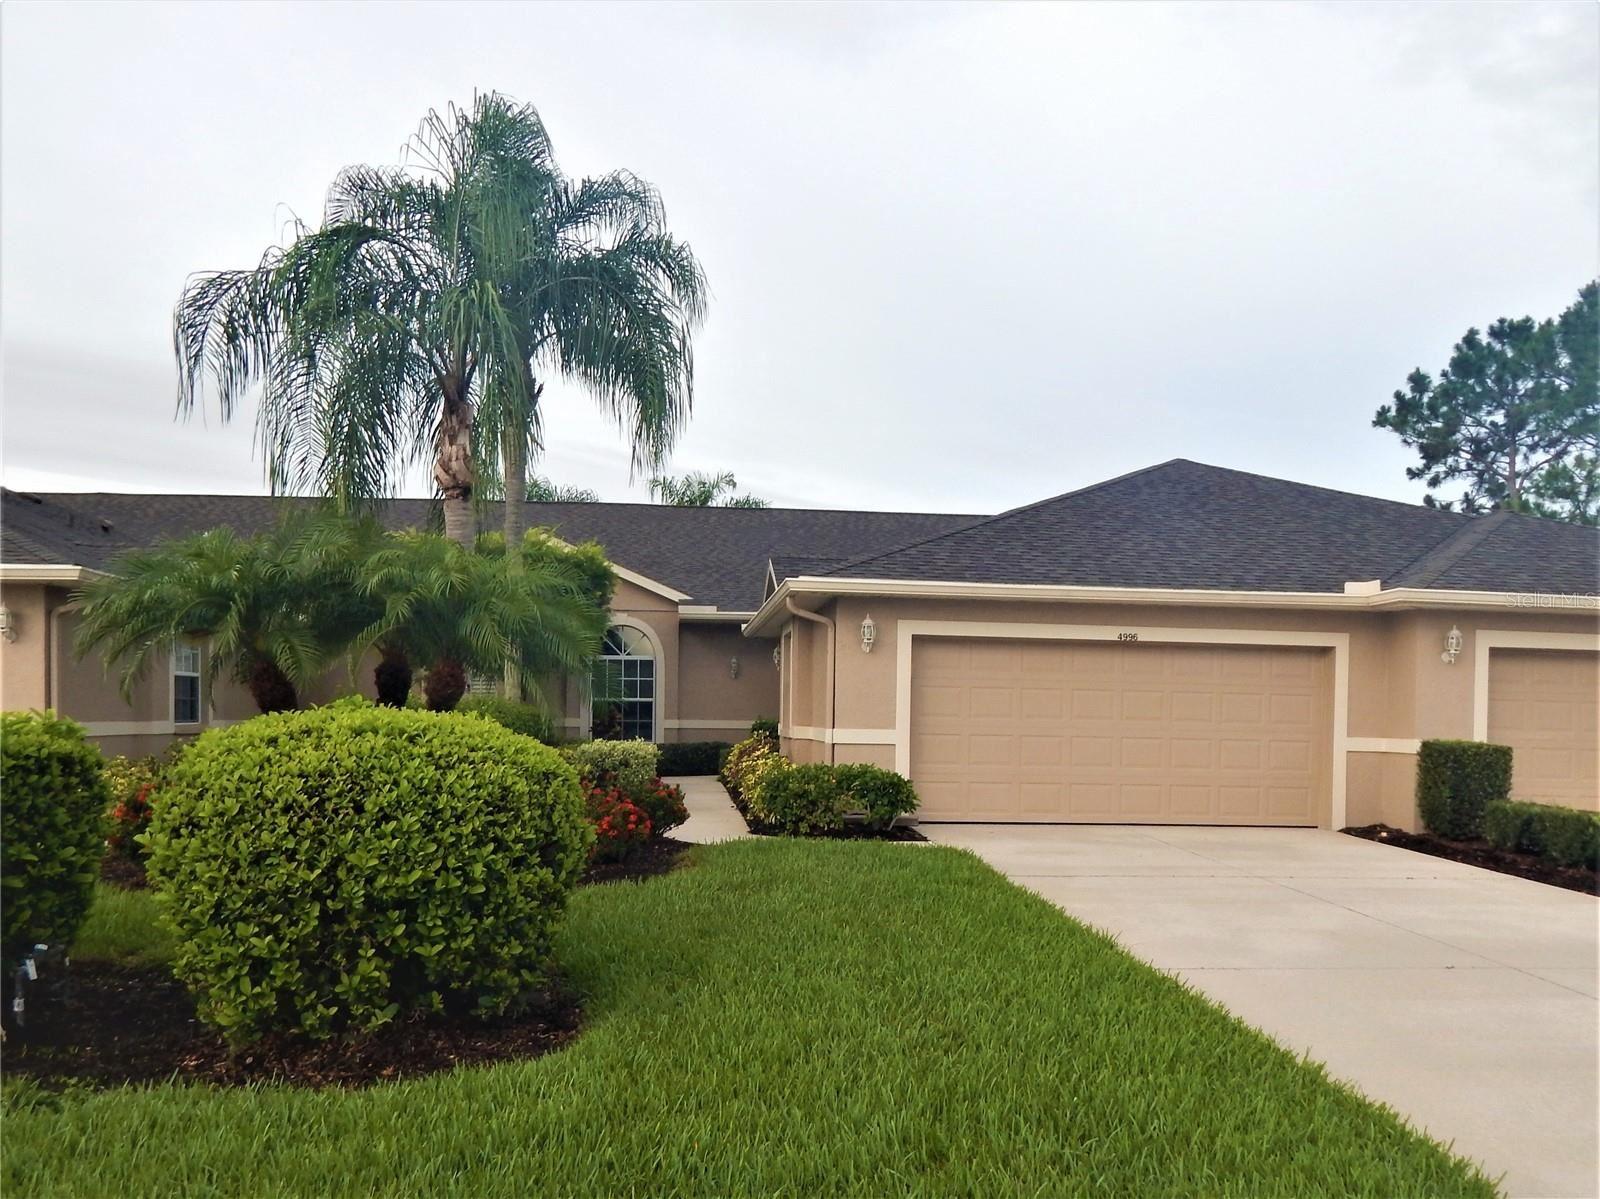 4996 MAHOGANY RUN AVENUE, Sarasota, FL 34241 - #: A4504358